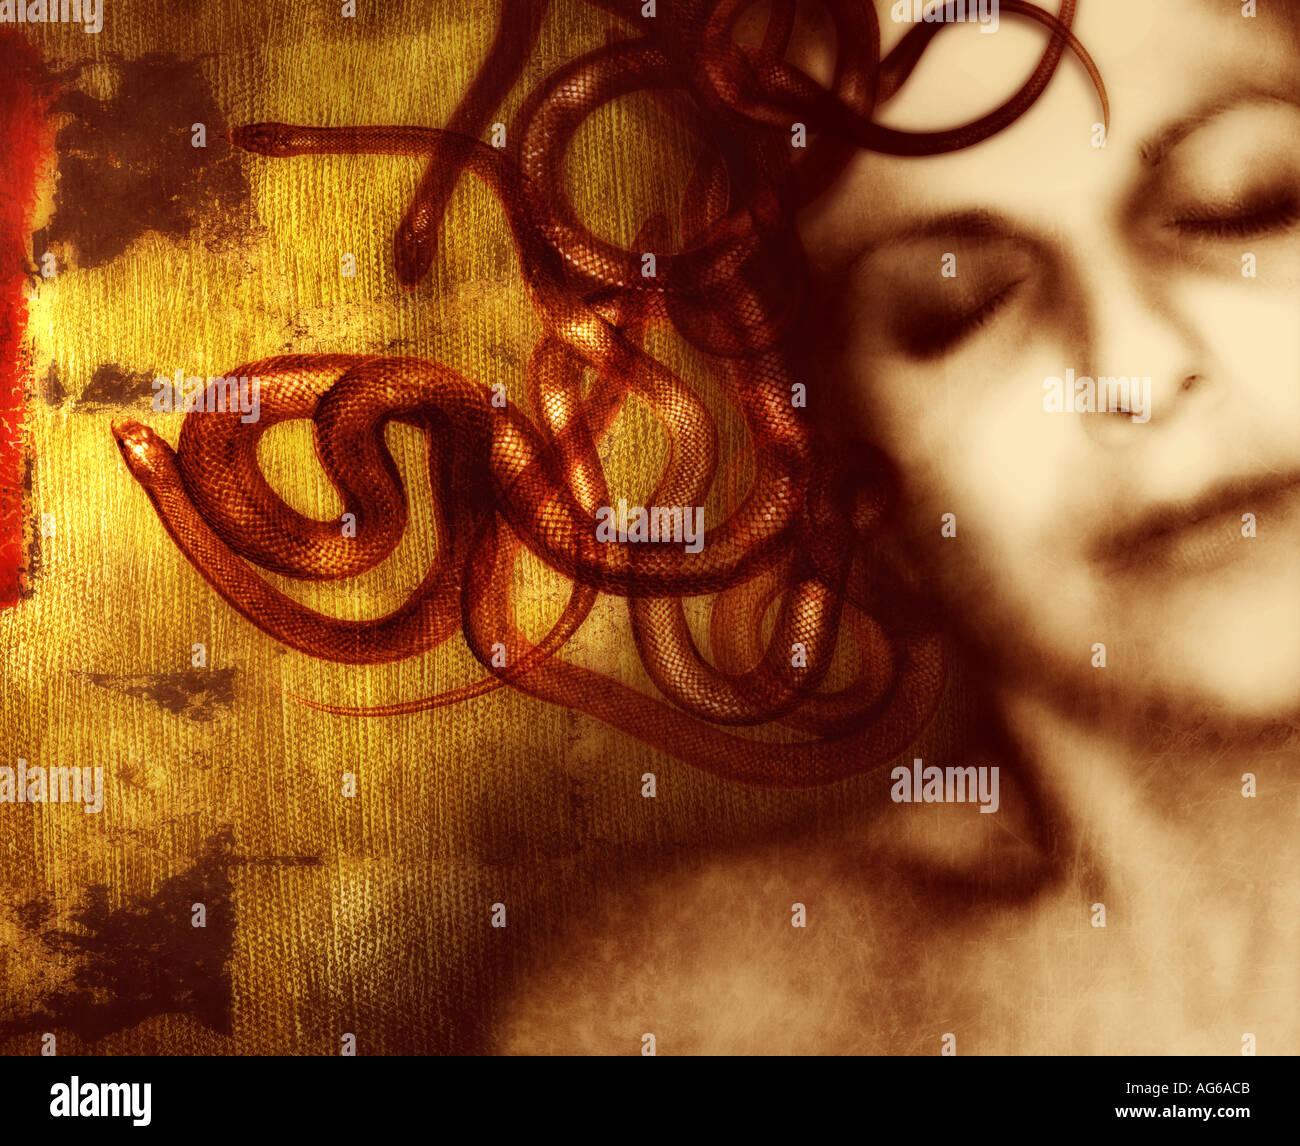 Medusa - Stock Image